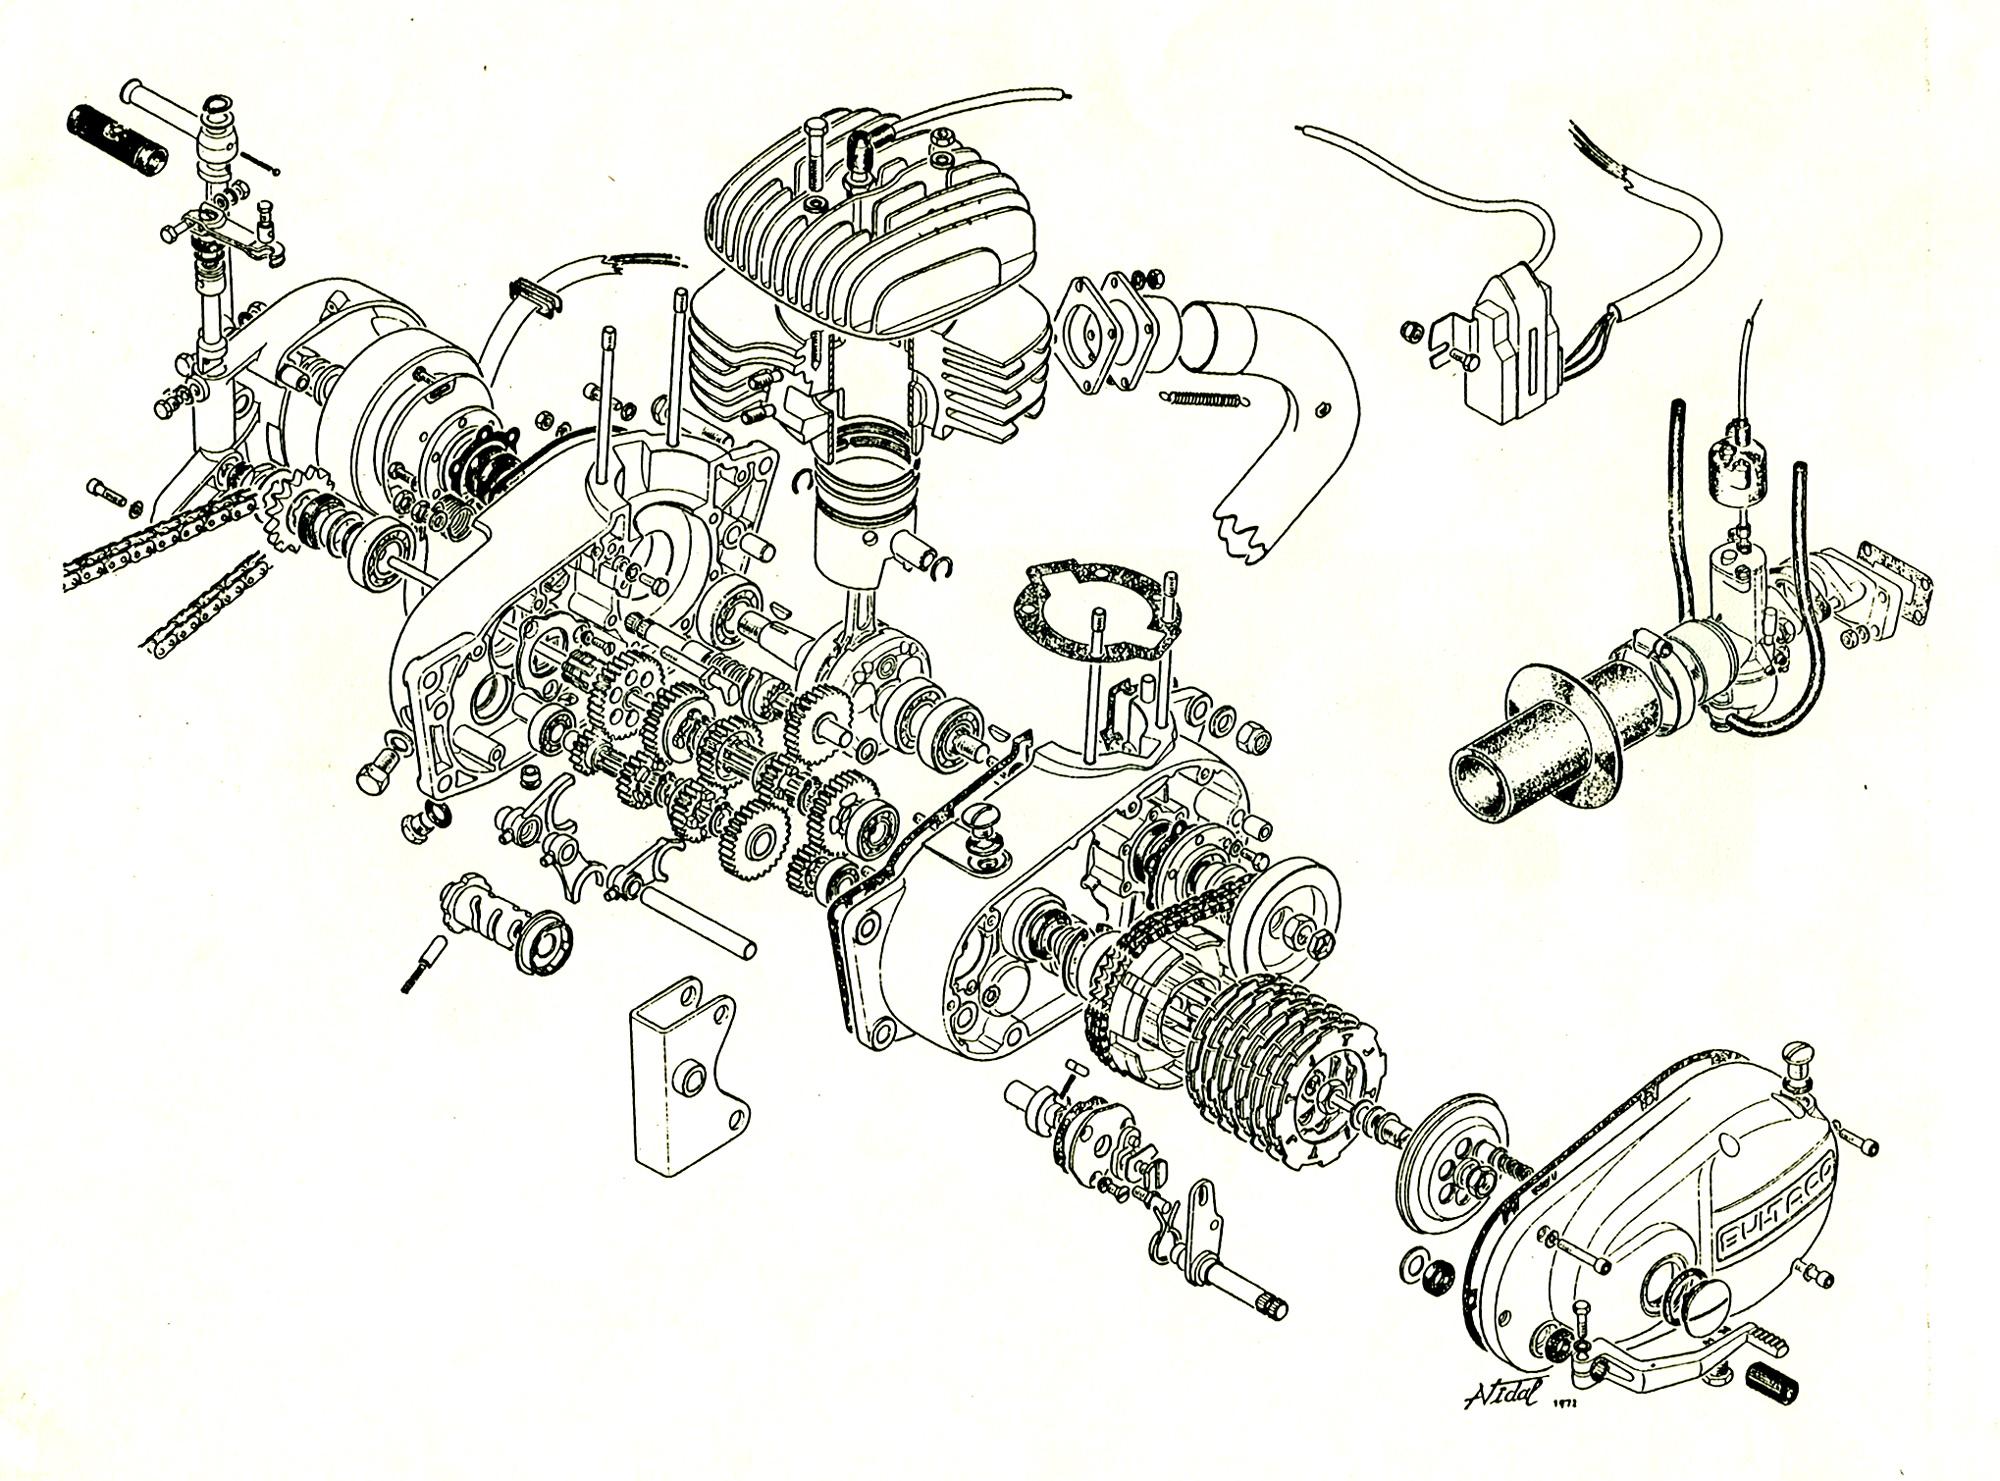 bultaco engine diagram